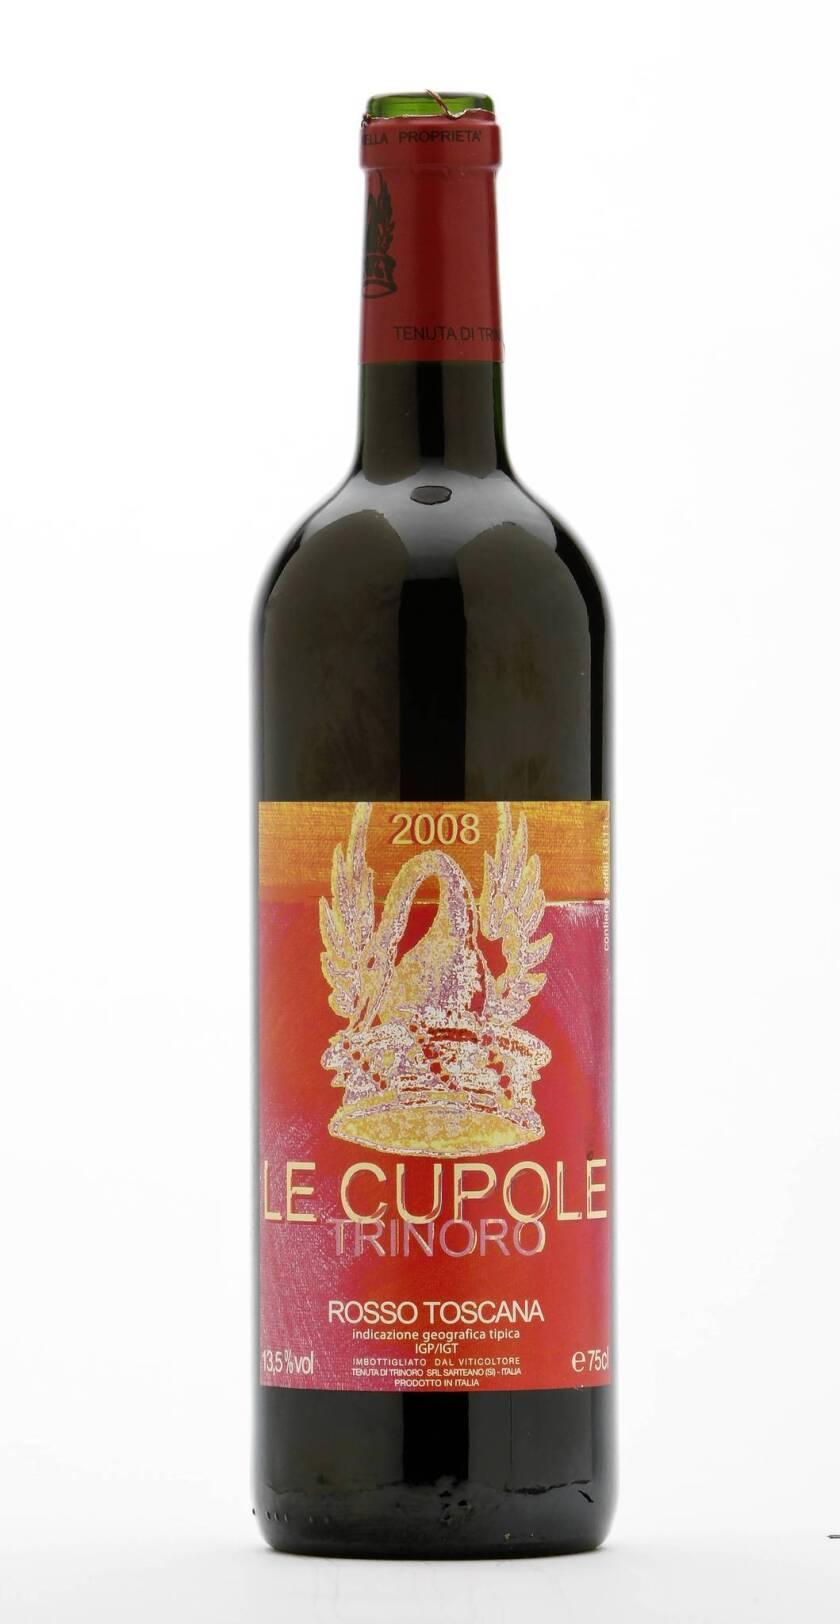 2008 Tenuta di Trinoro Rosso Toscano 'Le Cupole'